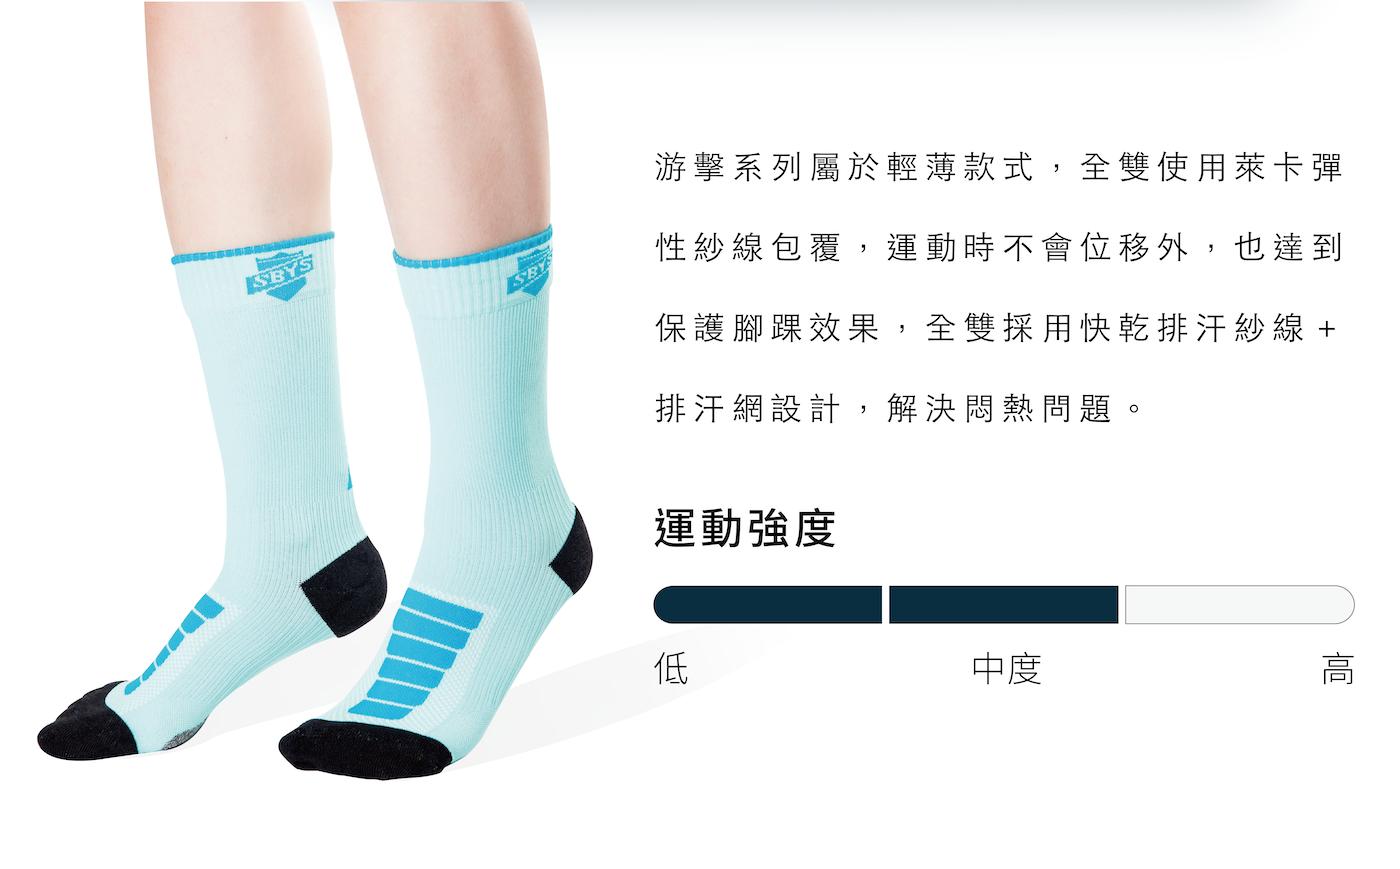 全襪加壓,適合中高強度運動使用